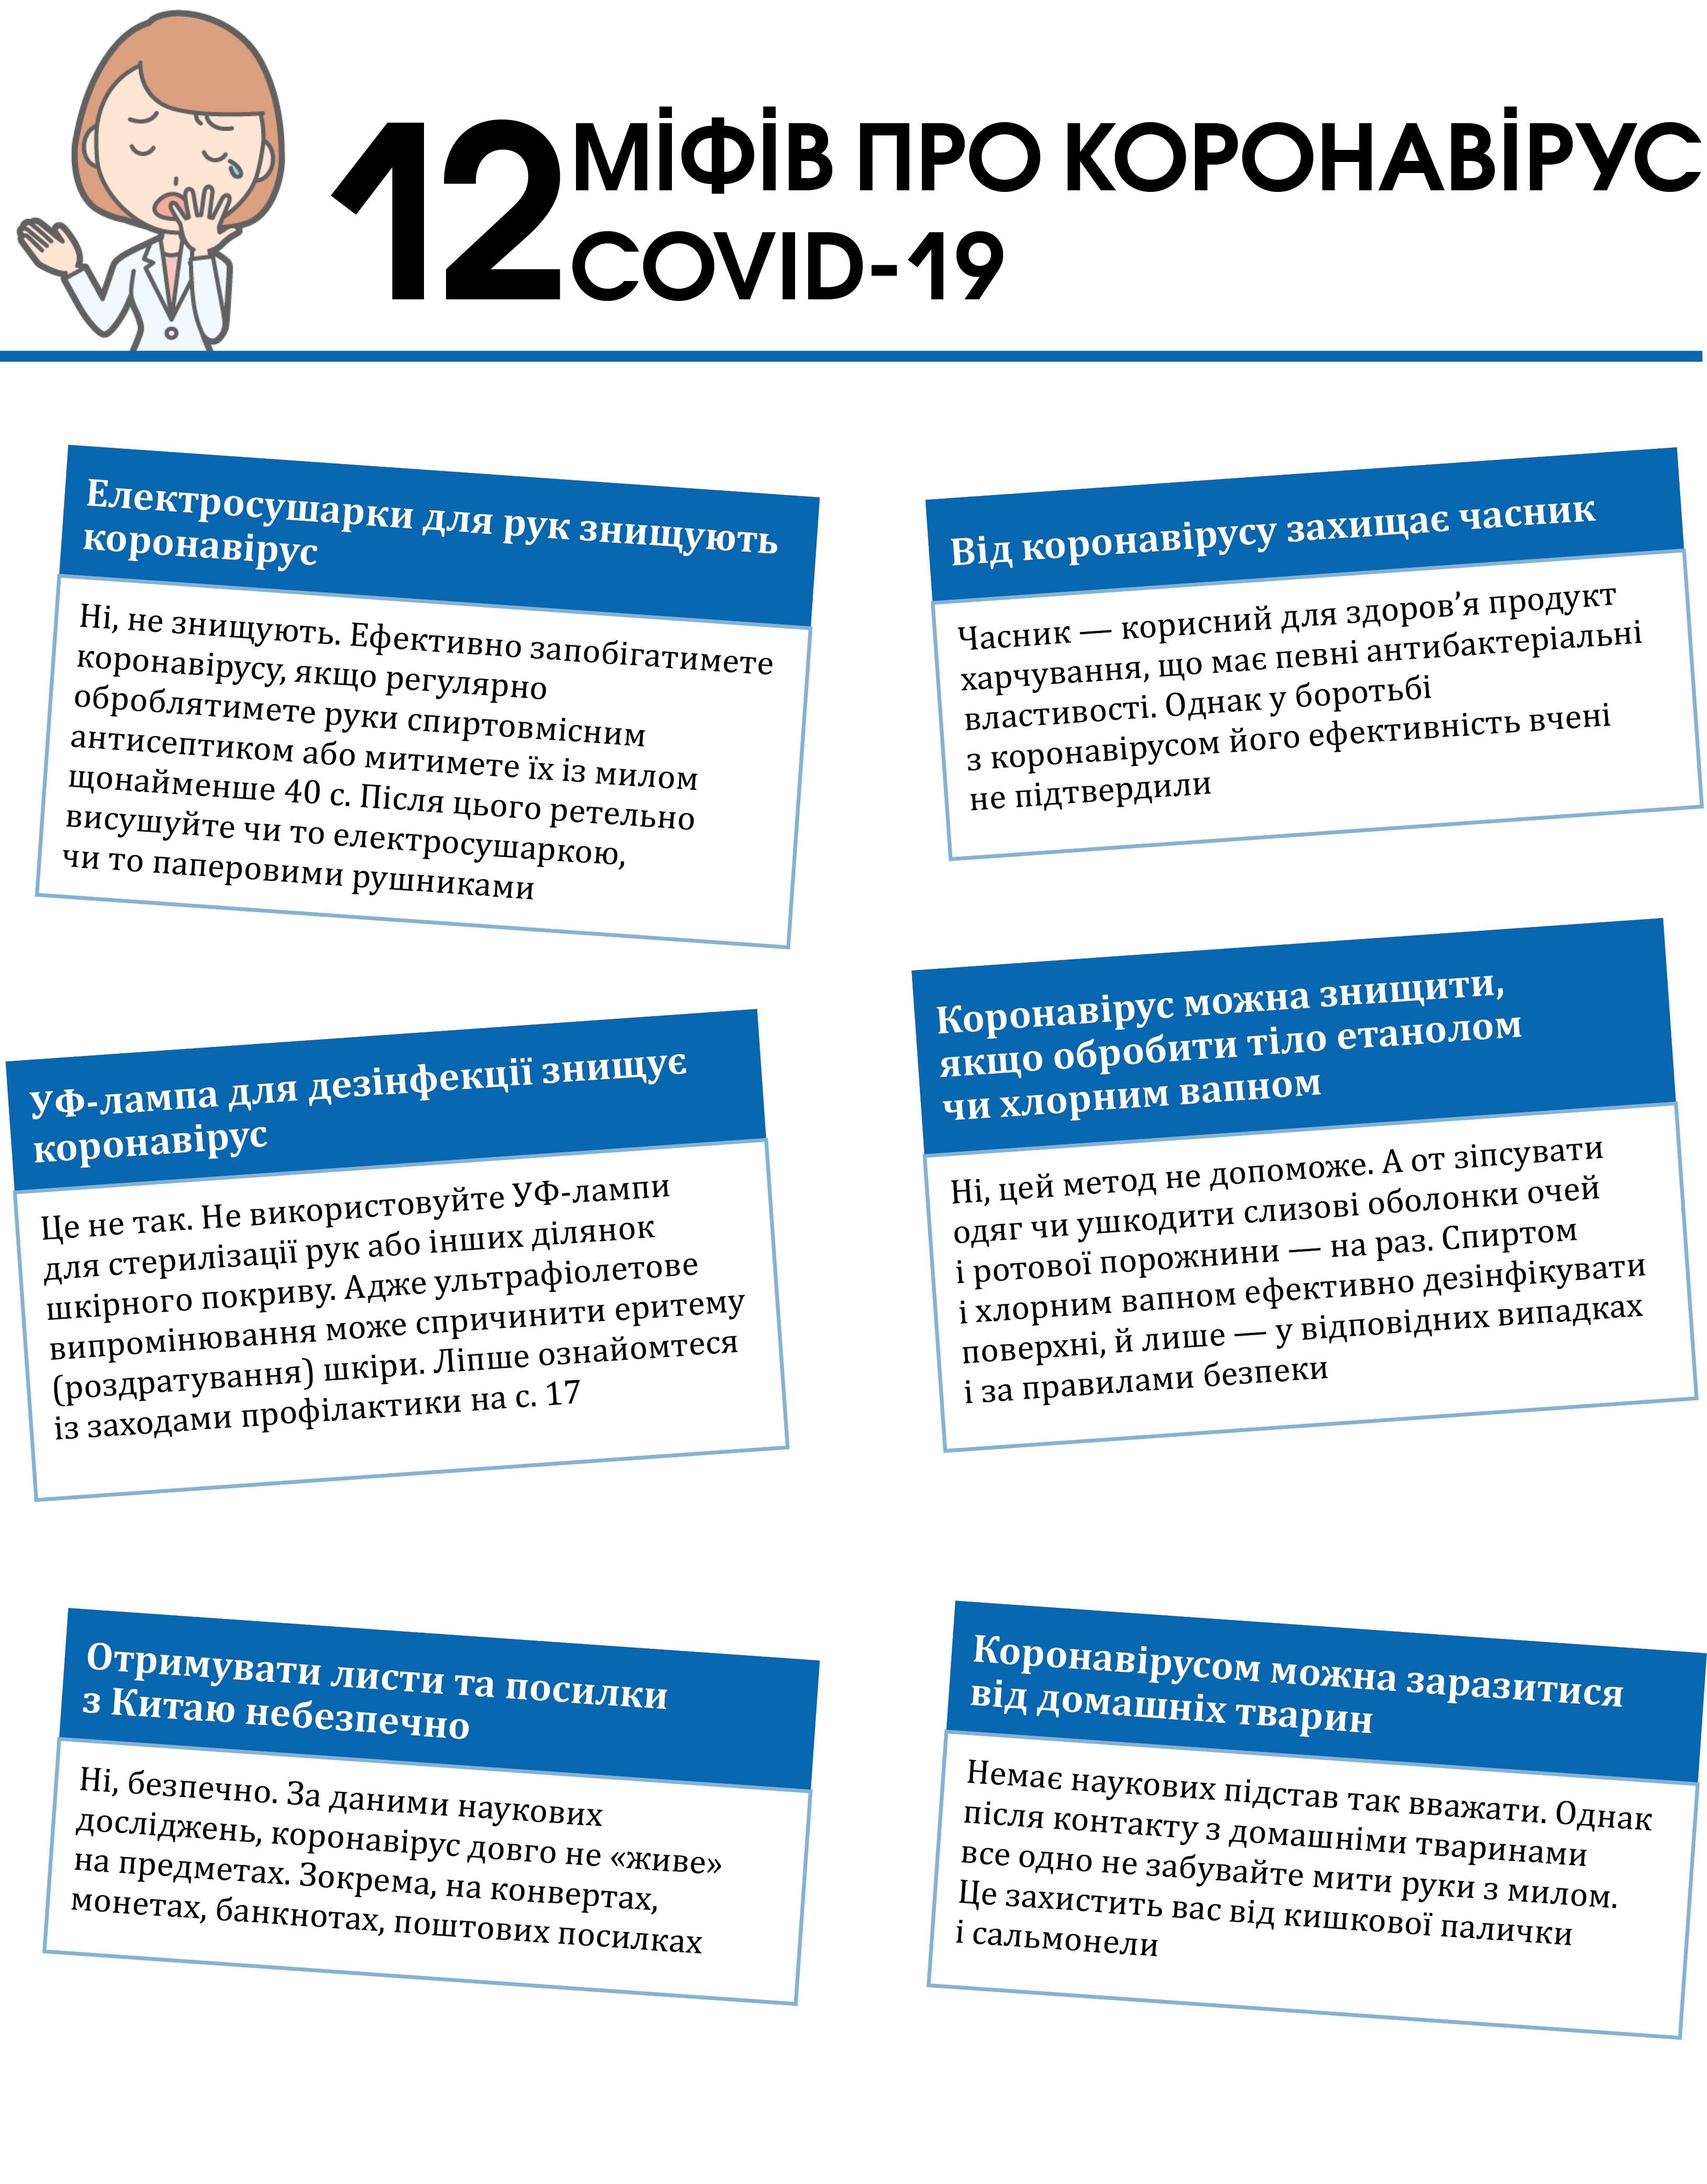 12 міфів про коронавірус Covid-19 – Медична сестра дошкільного ...